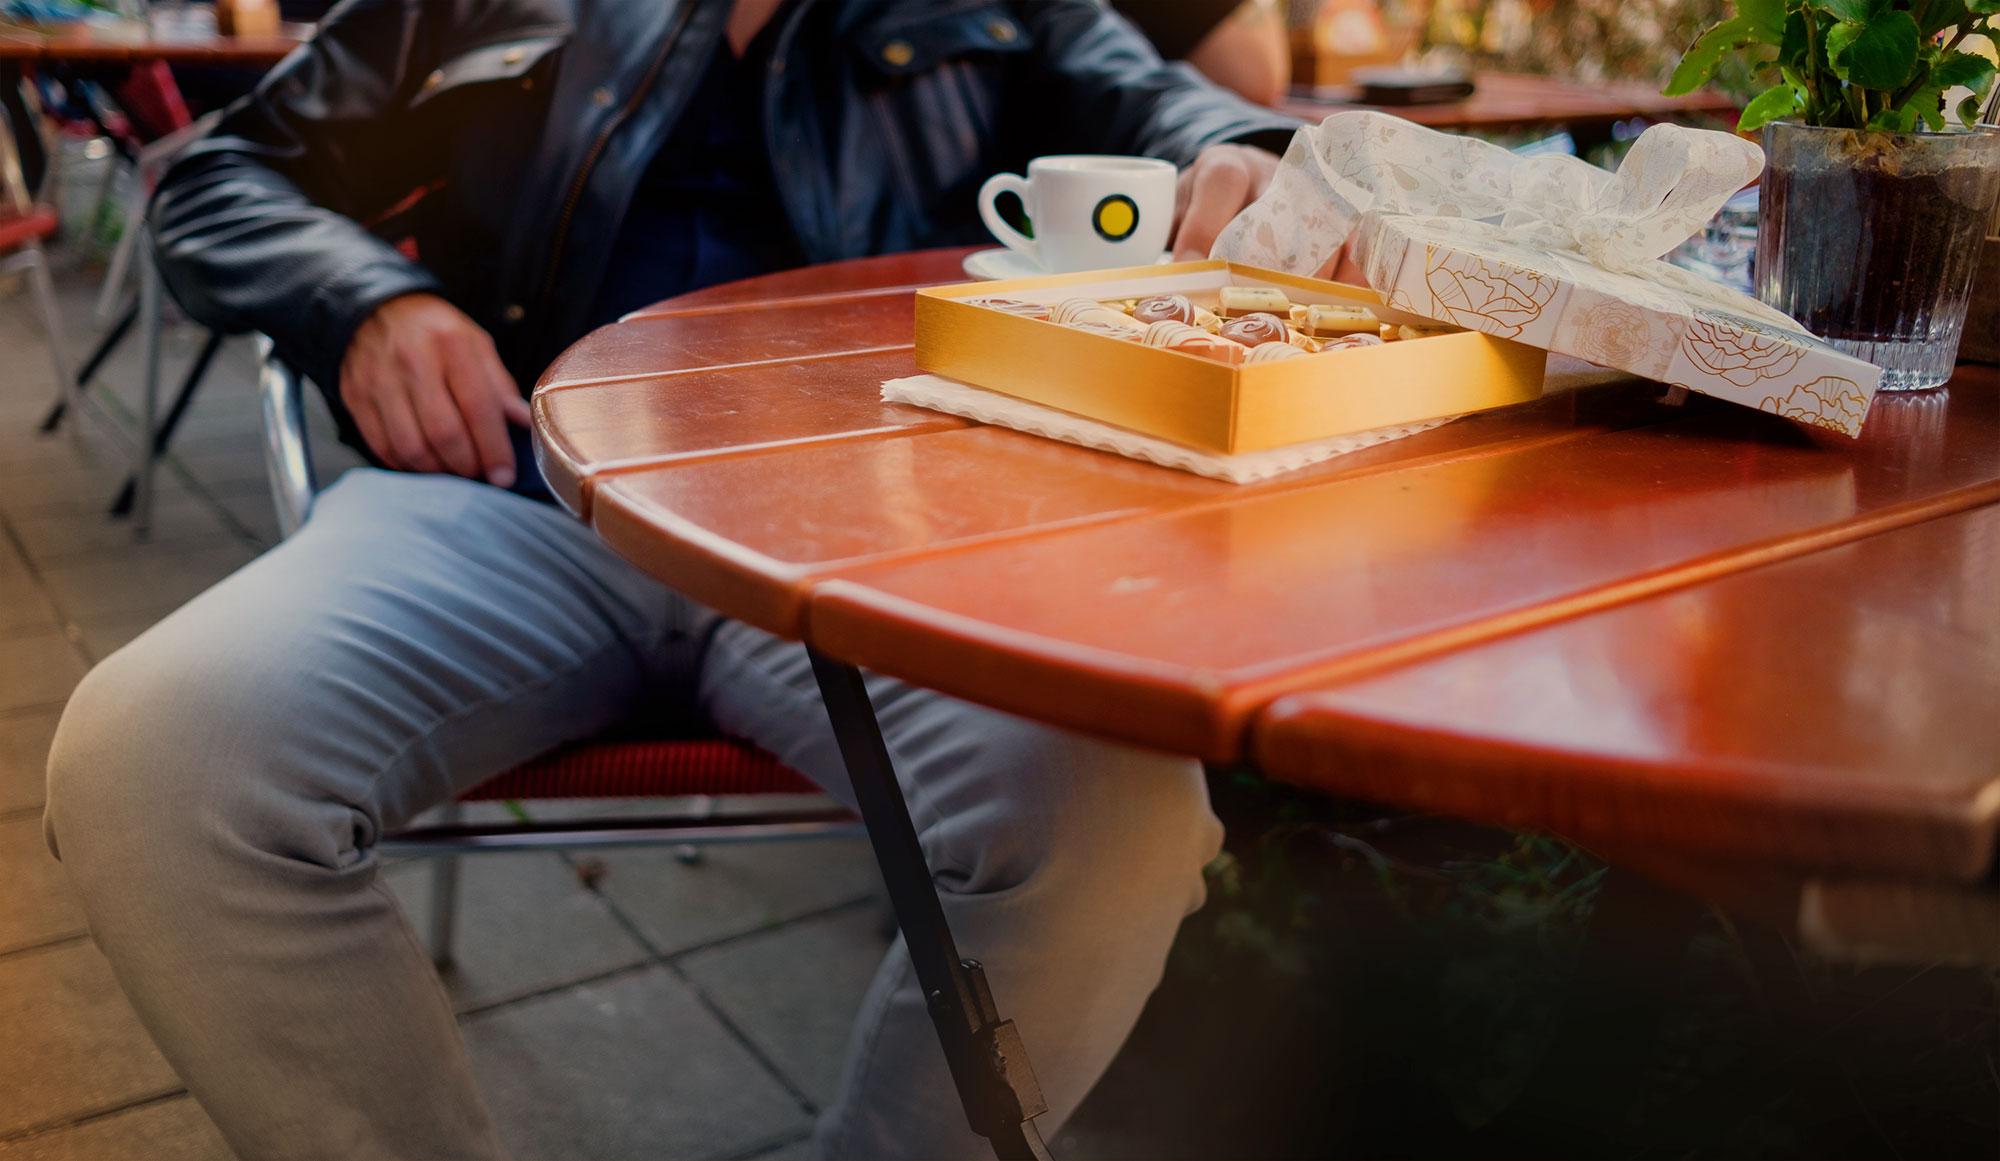 Pralinenschachtel und Kaffetasse auf einem Tisch.